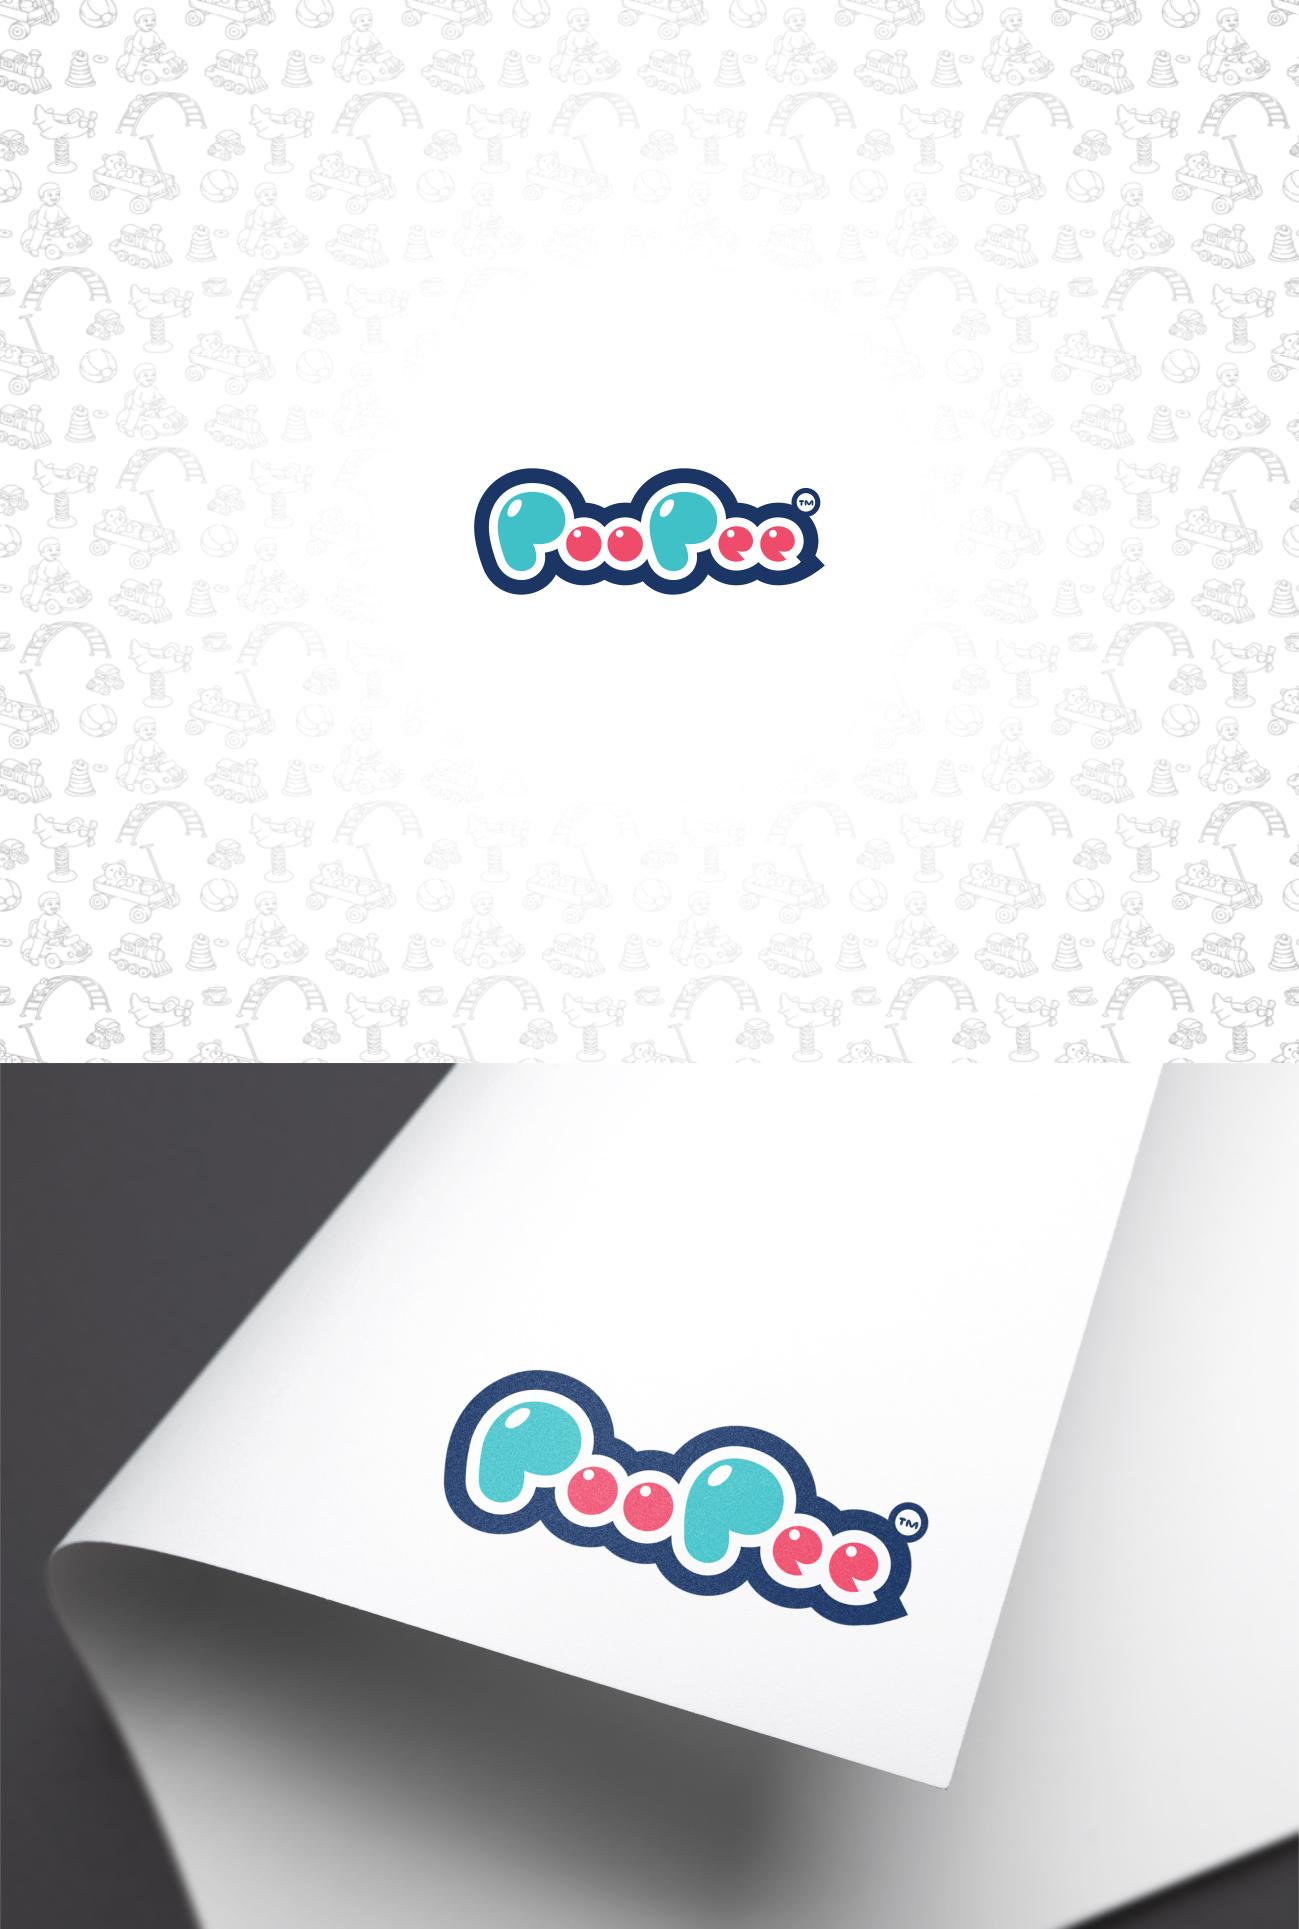 Разработка элементов фирменного стиля, логотипа и гайдлайна  фото f_9165ad4872069a0c.png